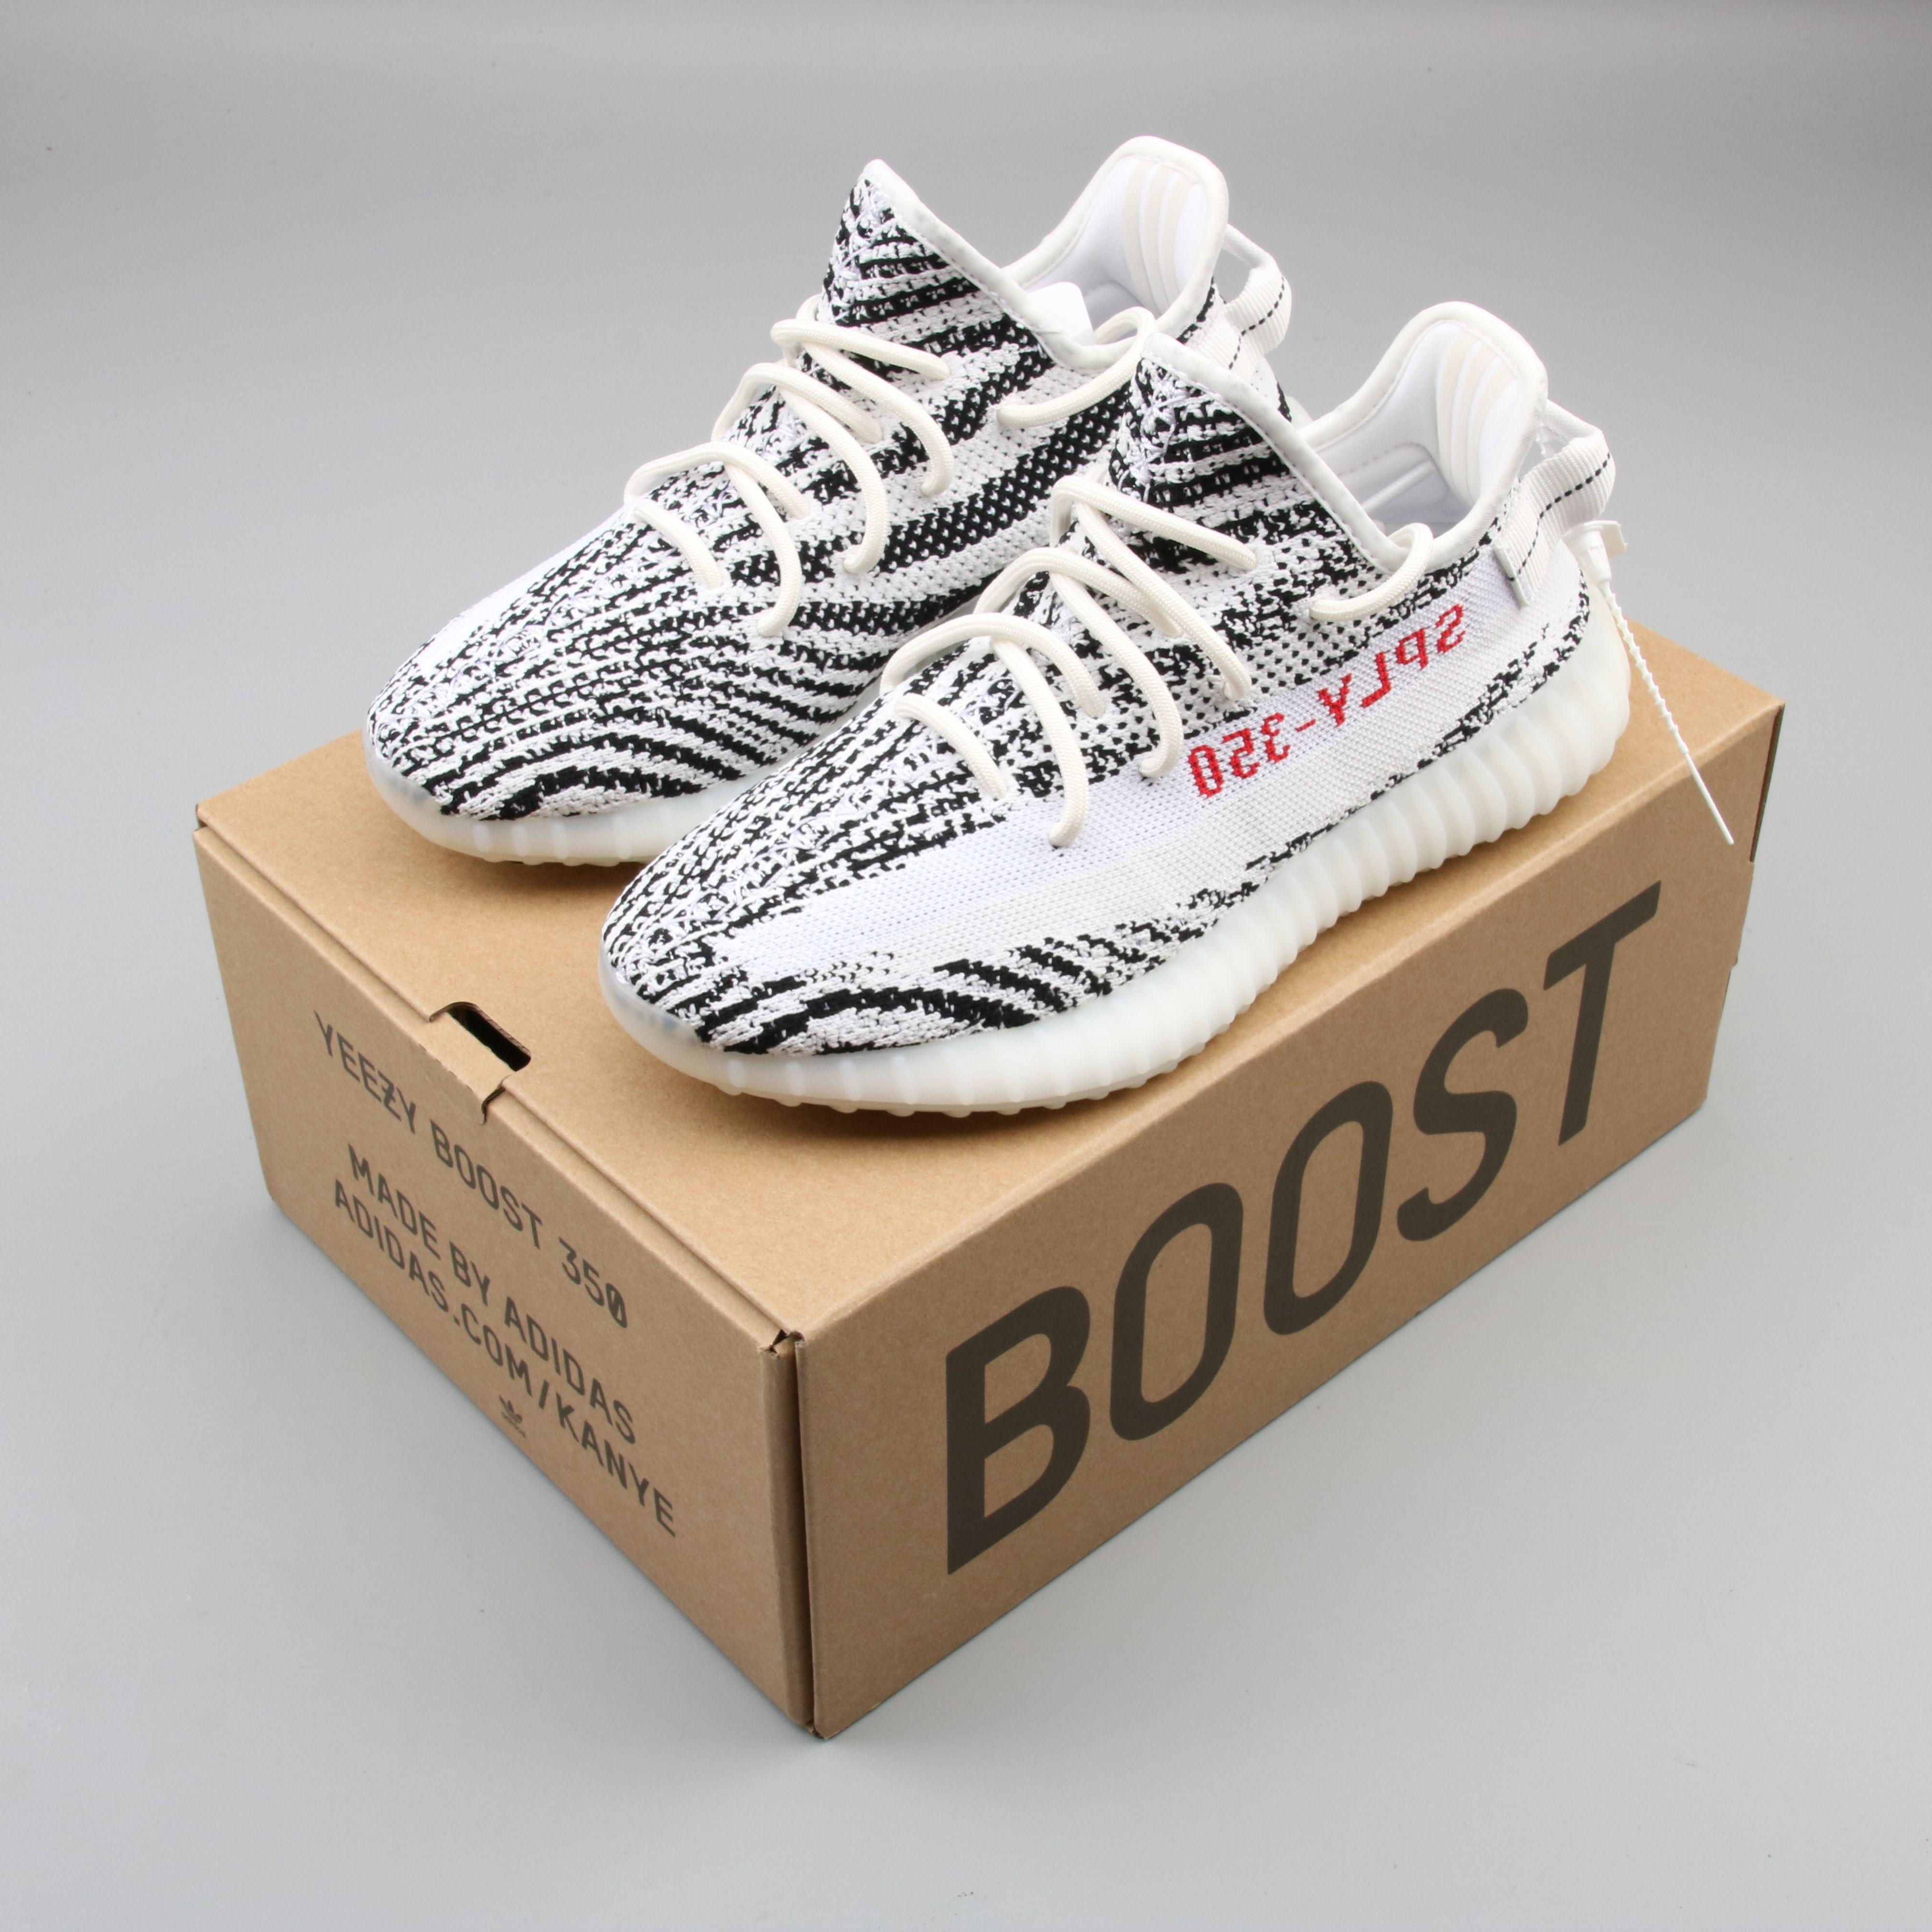 Yeezy Boost 350 V2 Zebra Precio New Daily Offers Tenderfreshicecreams Com